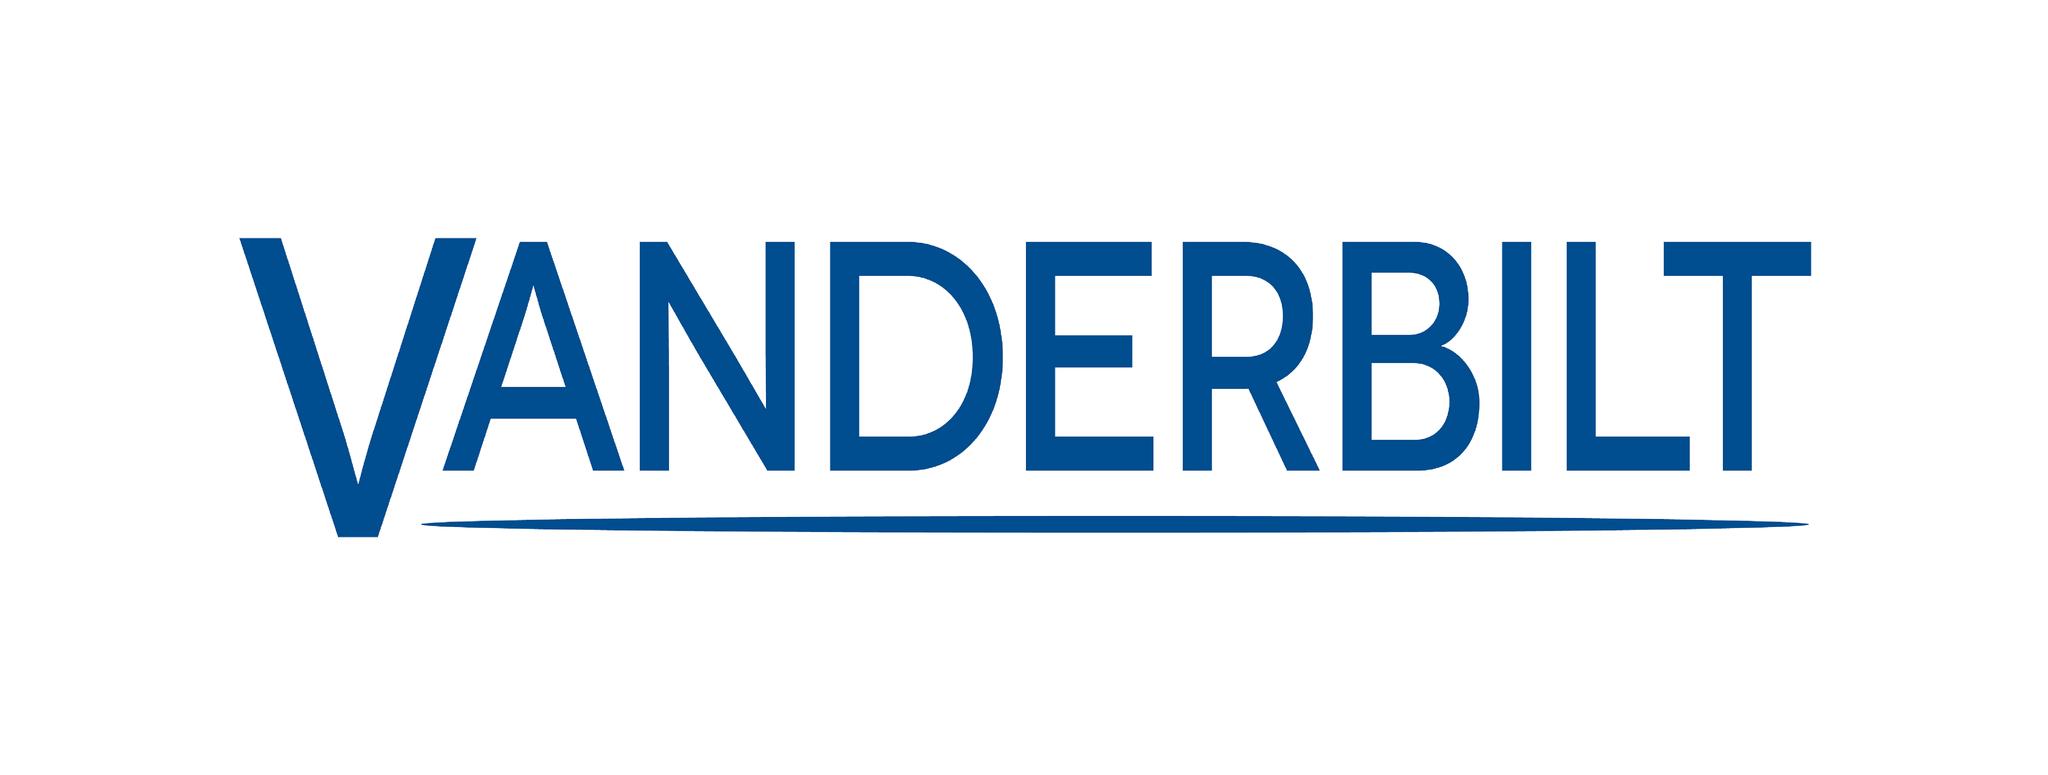 Vanderbilt International